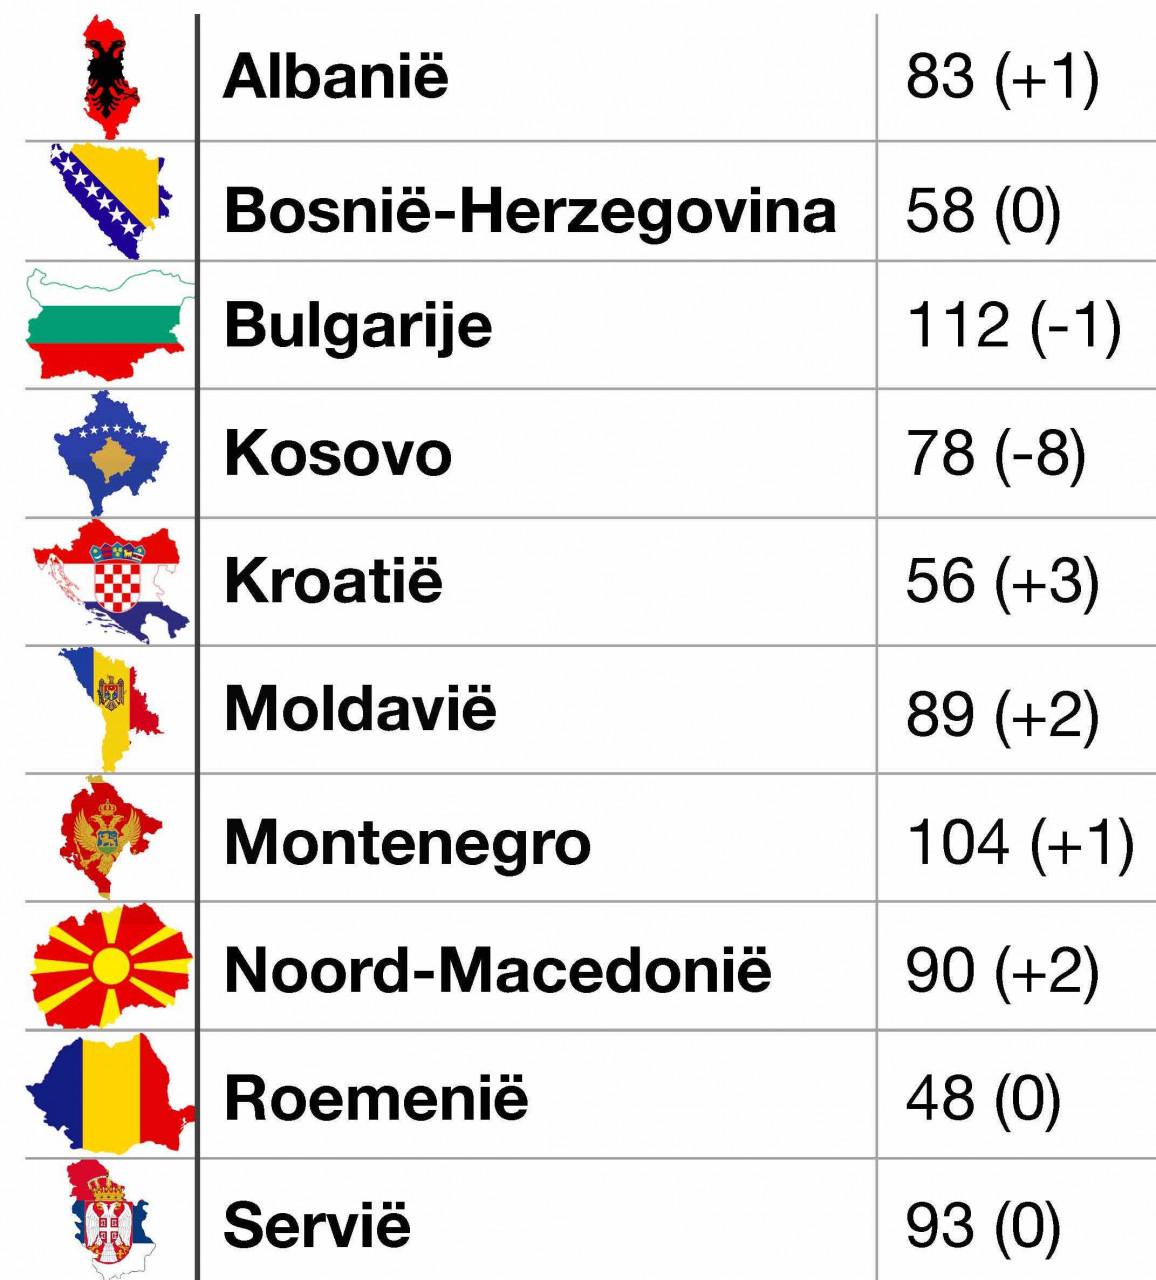 Ranglijst van persvrijheid in Zuid-Oost Europa volgens RSF World Press Freedom Index 2021